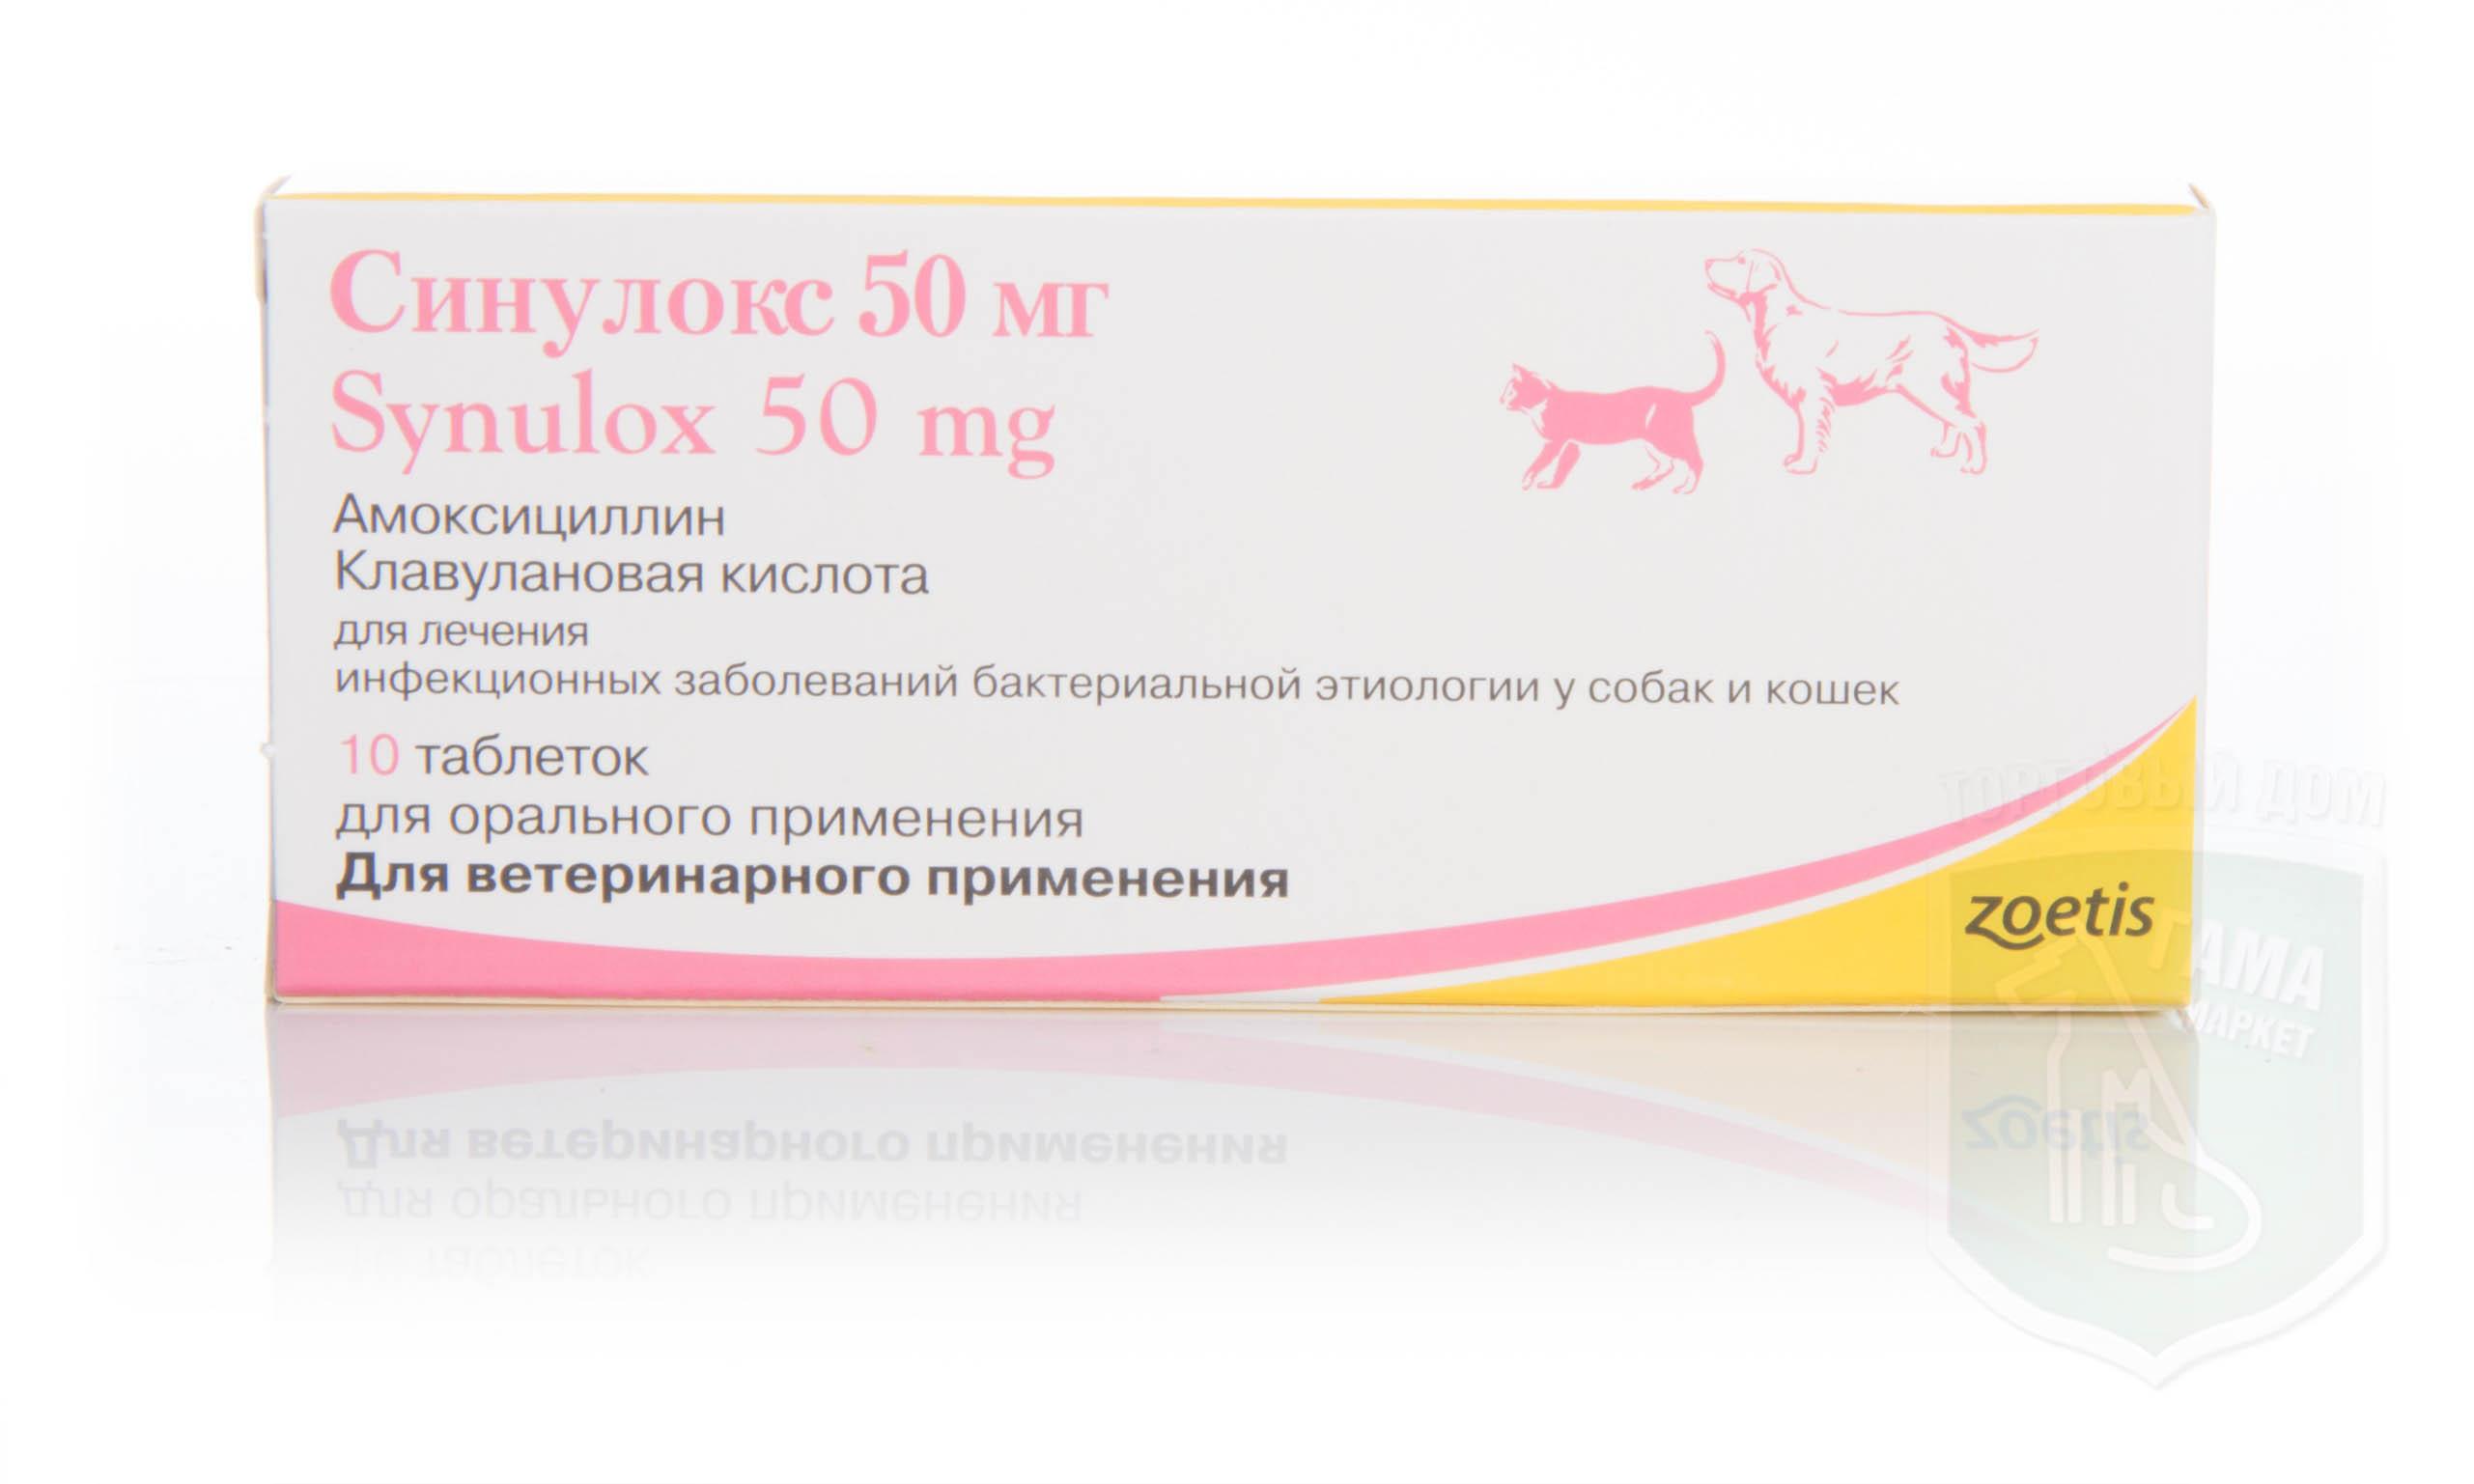 Синулокс инструкция таблетки